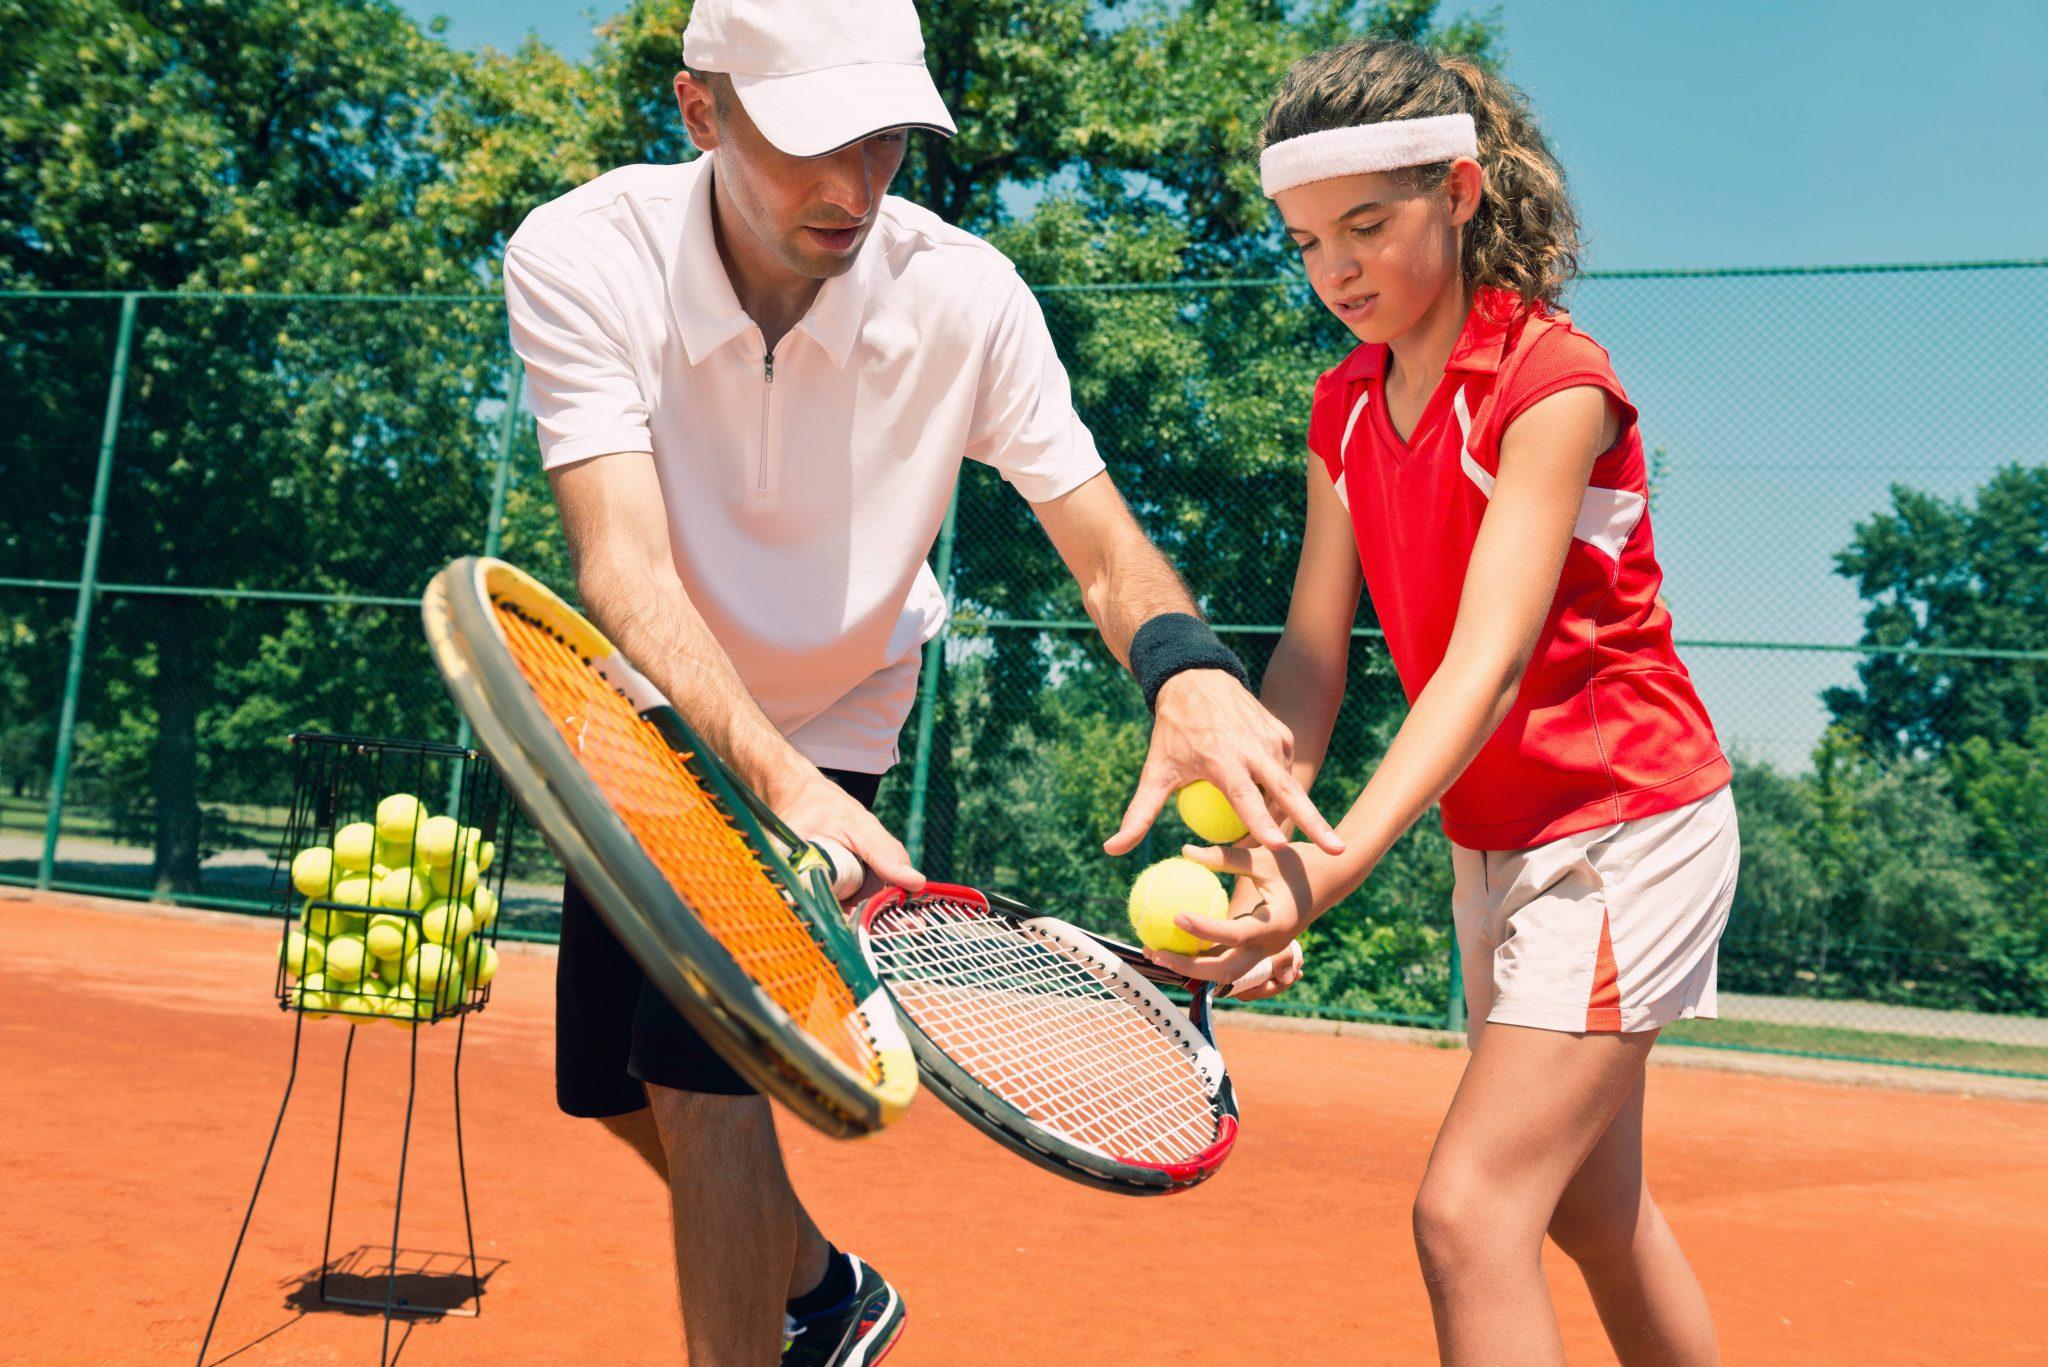 Tennistraining online verwalten mit Yolawo